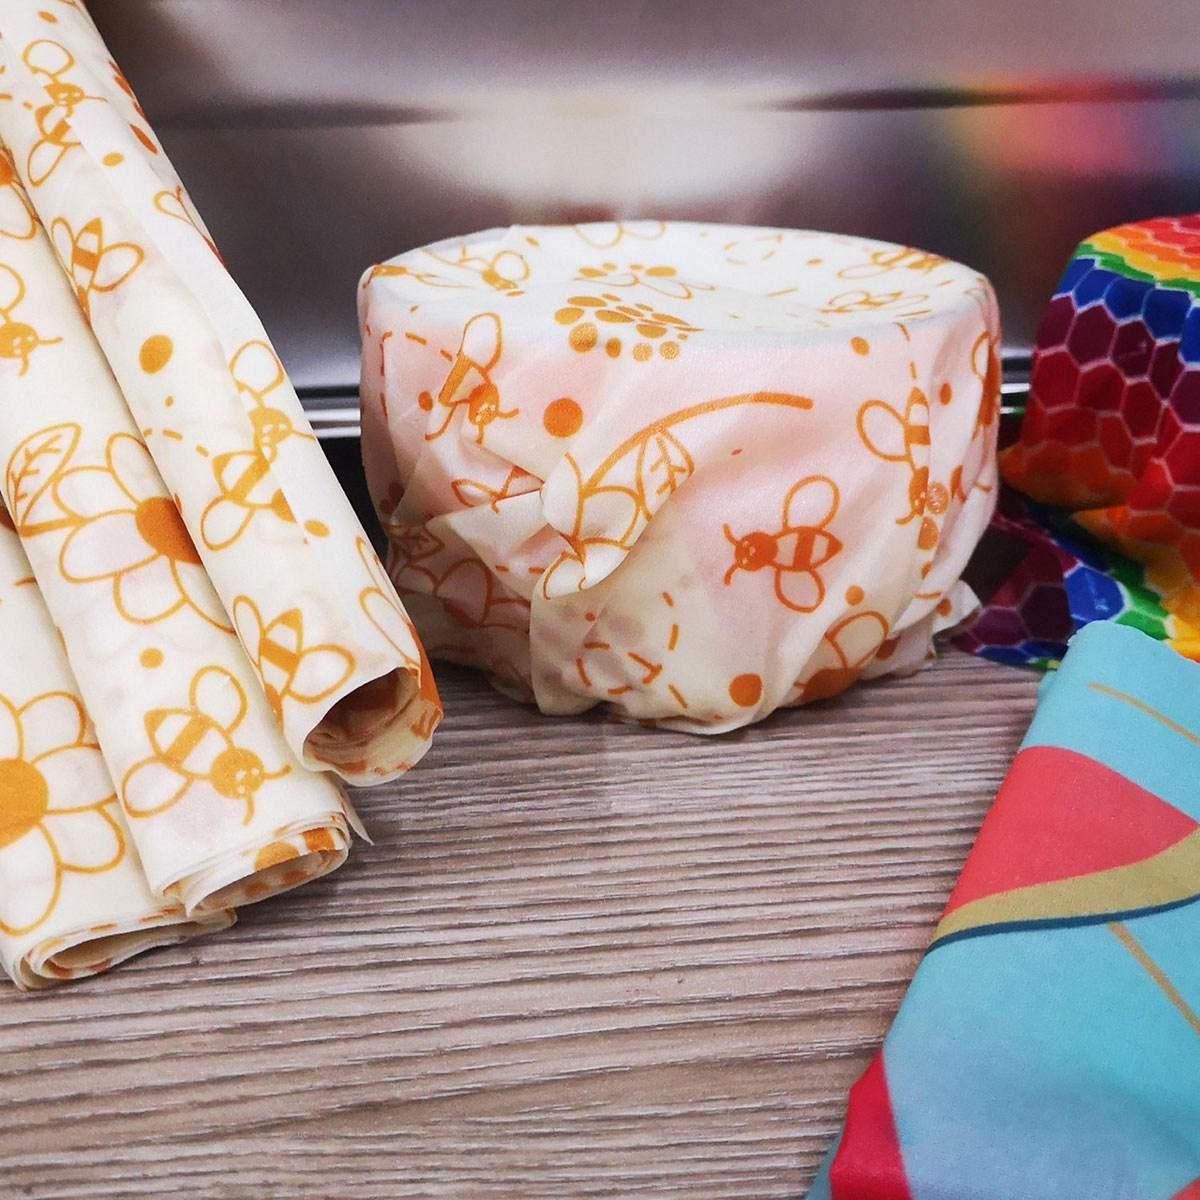 Vuffuw Enveloppes de Cire dabeille Fromage 2 Petits 2 Moyens 5 paqueteco-amicales r/éutilisables enveloppes Alimentaires Durable Plastique Stockage Gratuit pour Couvrir Les sandwichs 1 Grand